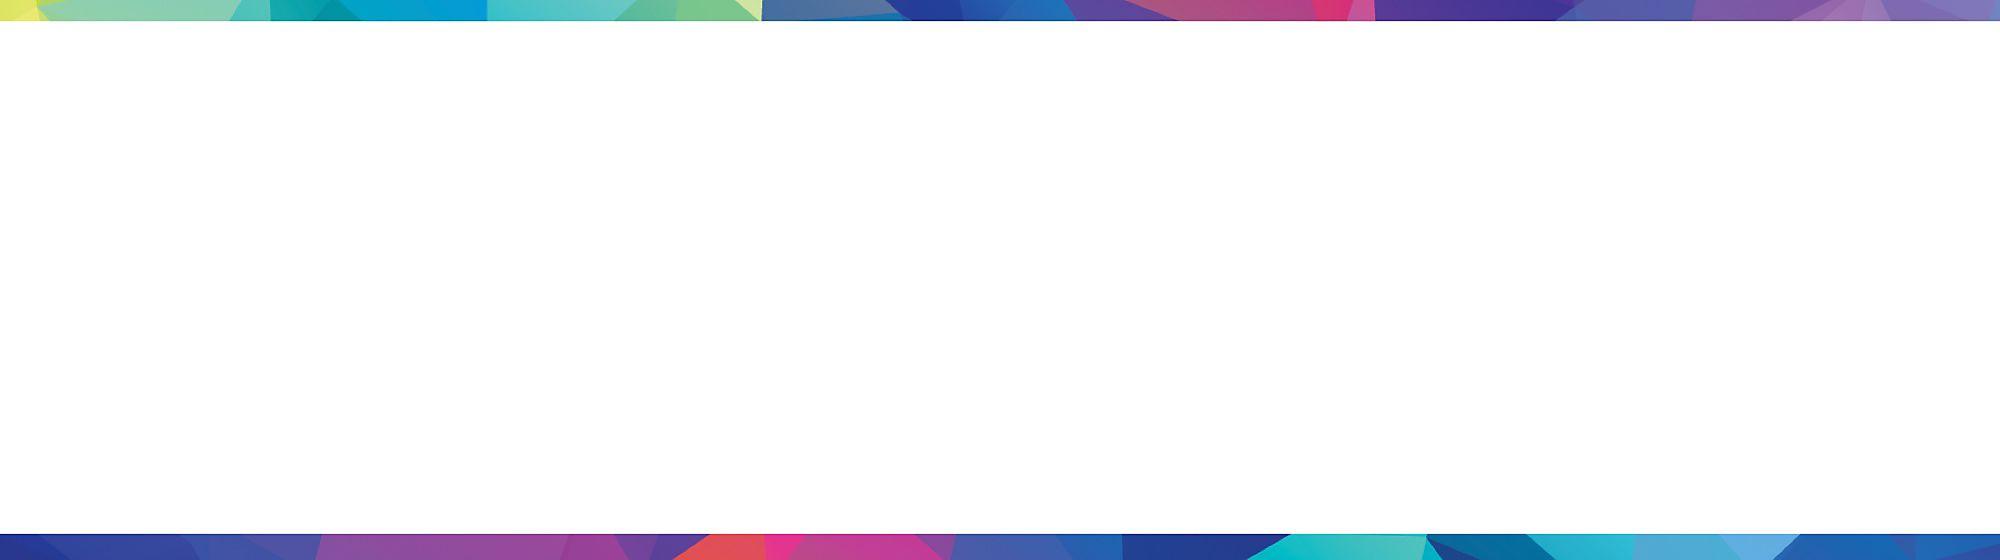 Pronti per il Carnevale? Partecipa alle nostre attività in Store!  sabato 08 e domenica 09 Febbraio  sabato 15 e domenica16 Febbraio  sabato 22 e domenica 23 Febbraio  martedì 25 e giovedì 27 Febbraio  Orari: ti aspettiamo alle ore 11:00 e alle ore 17:00!   Chiedi maggiori informazioni a un Cast Member!